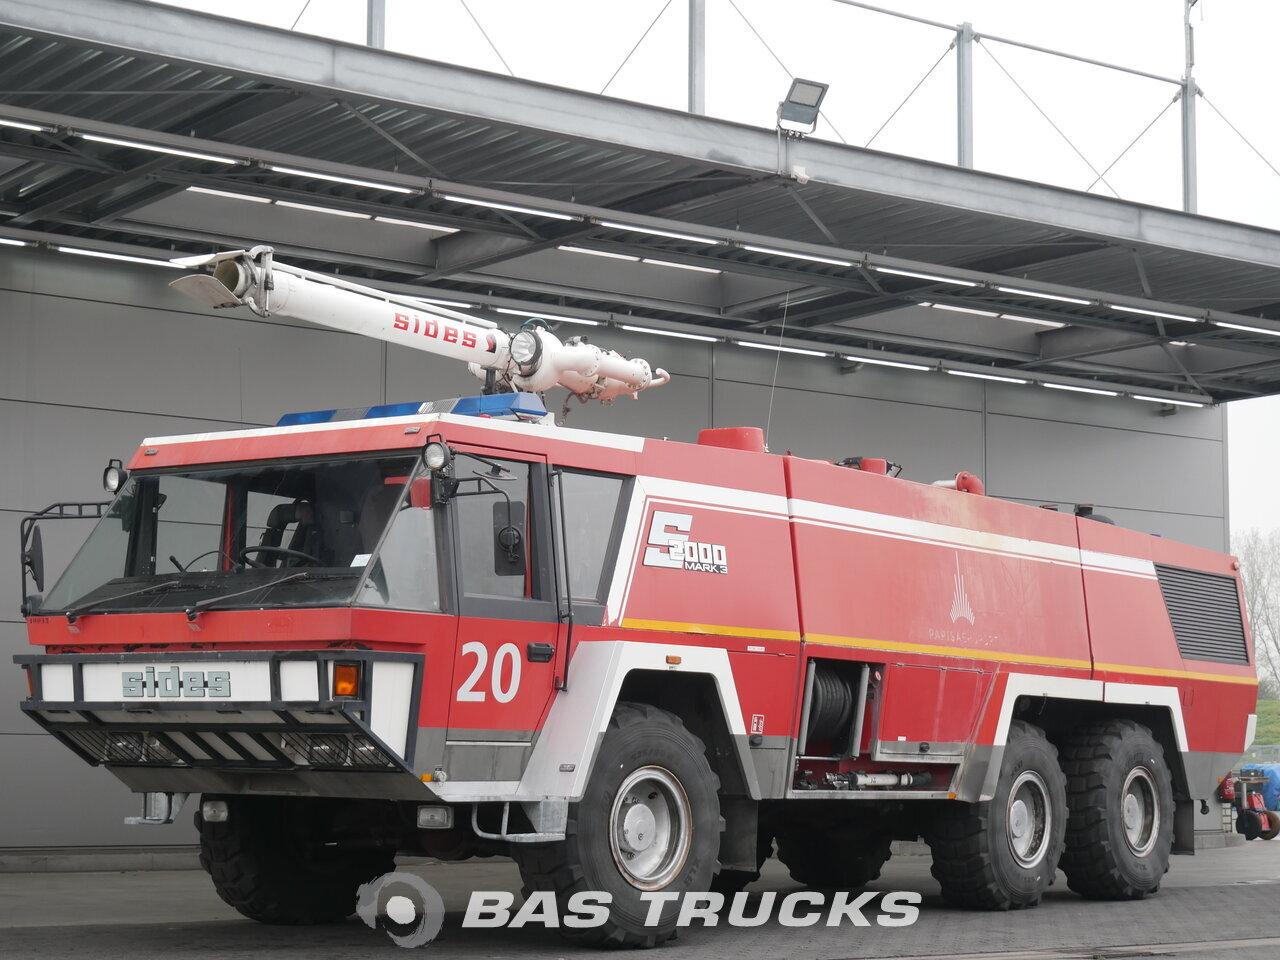 Mercedes Crashtender Fire Truck Sides 1994 Fire Truck Truck Bas Trucks